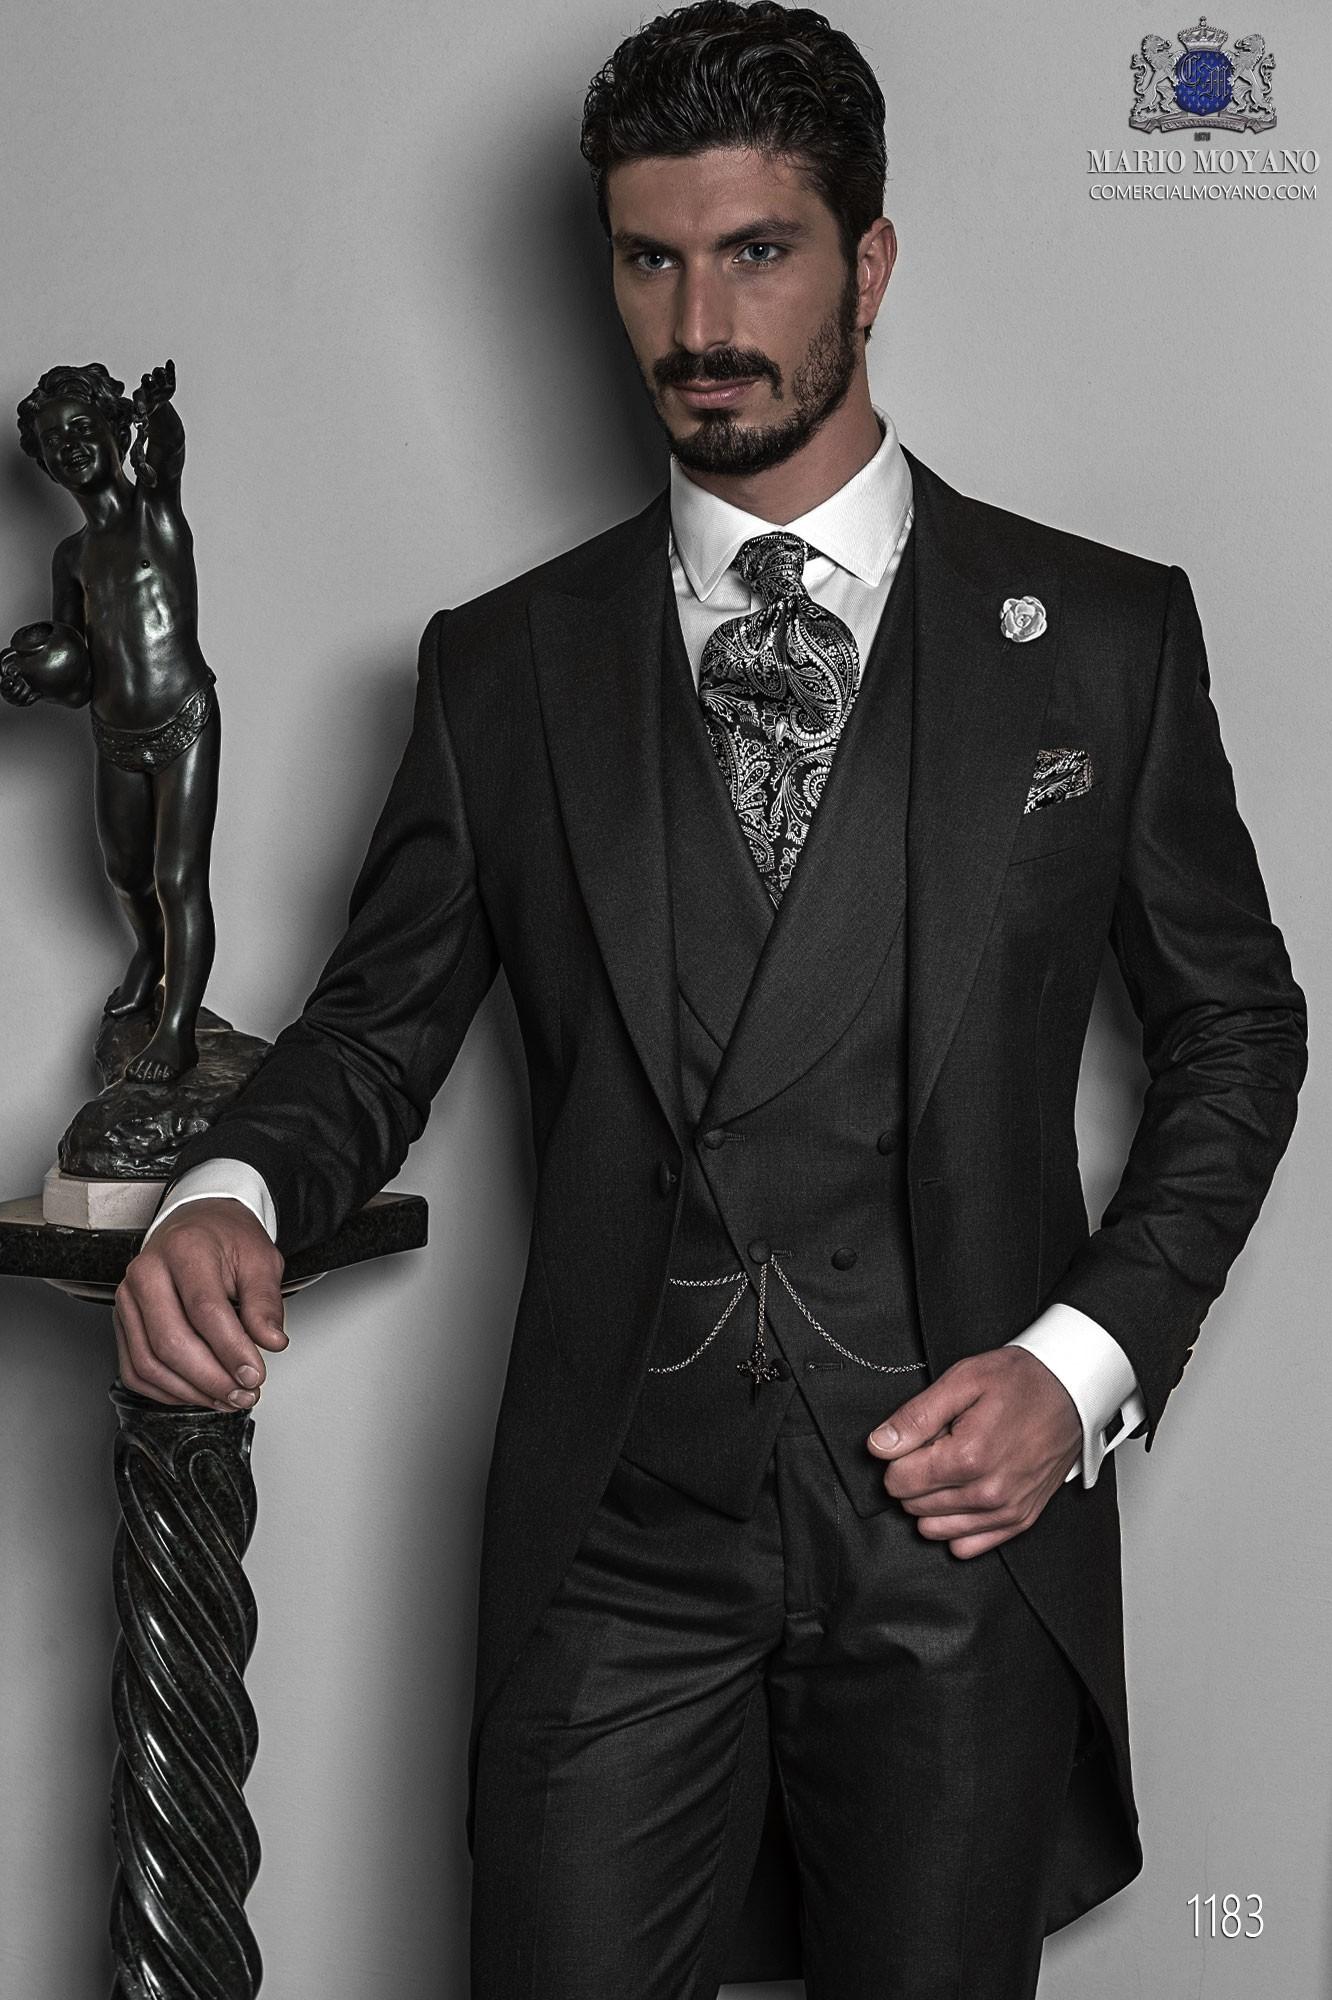 Chaqué fil a fil gris antracita, modelo 1183 Ottavio Nuccio Gala colección Gentleman.